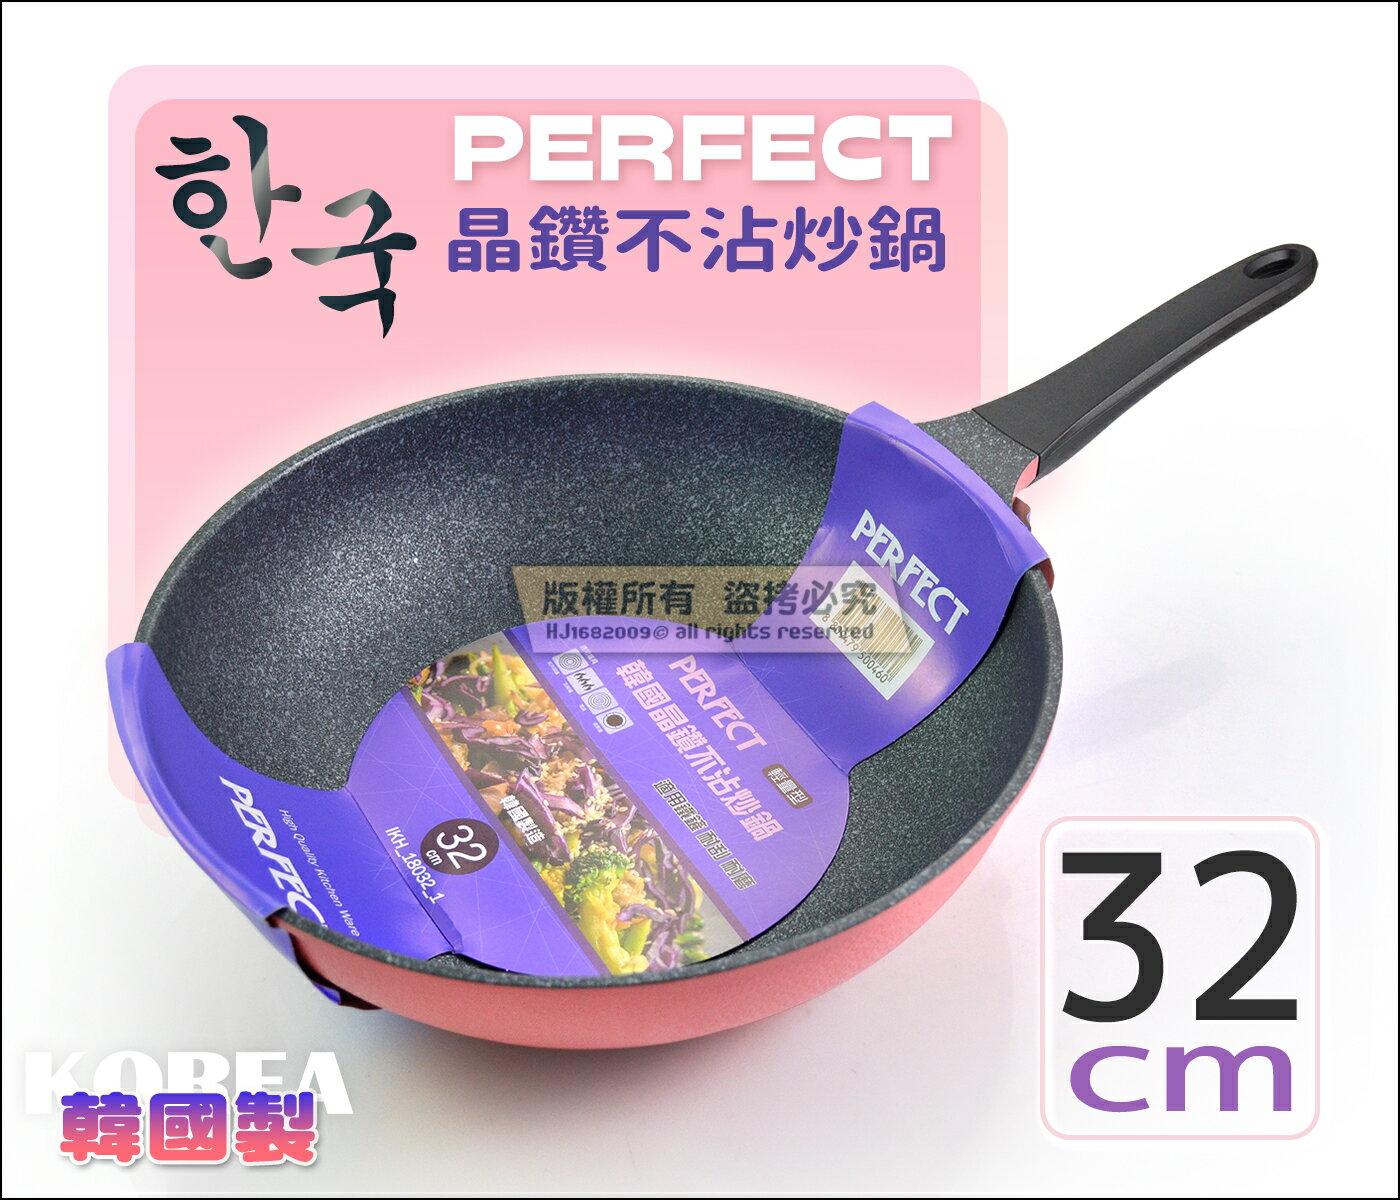 快樂屋♪ PERFECT 韓國製 0460 晶鑽不沾炒鍋 32cm【可用鐵鏟】輕量型 壓鑄鍋身 深型平底鍋 不沾鍋